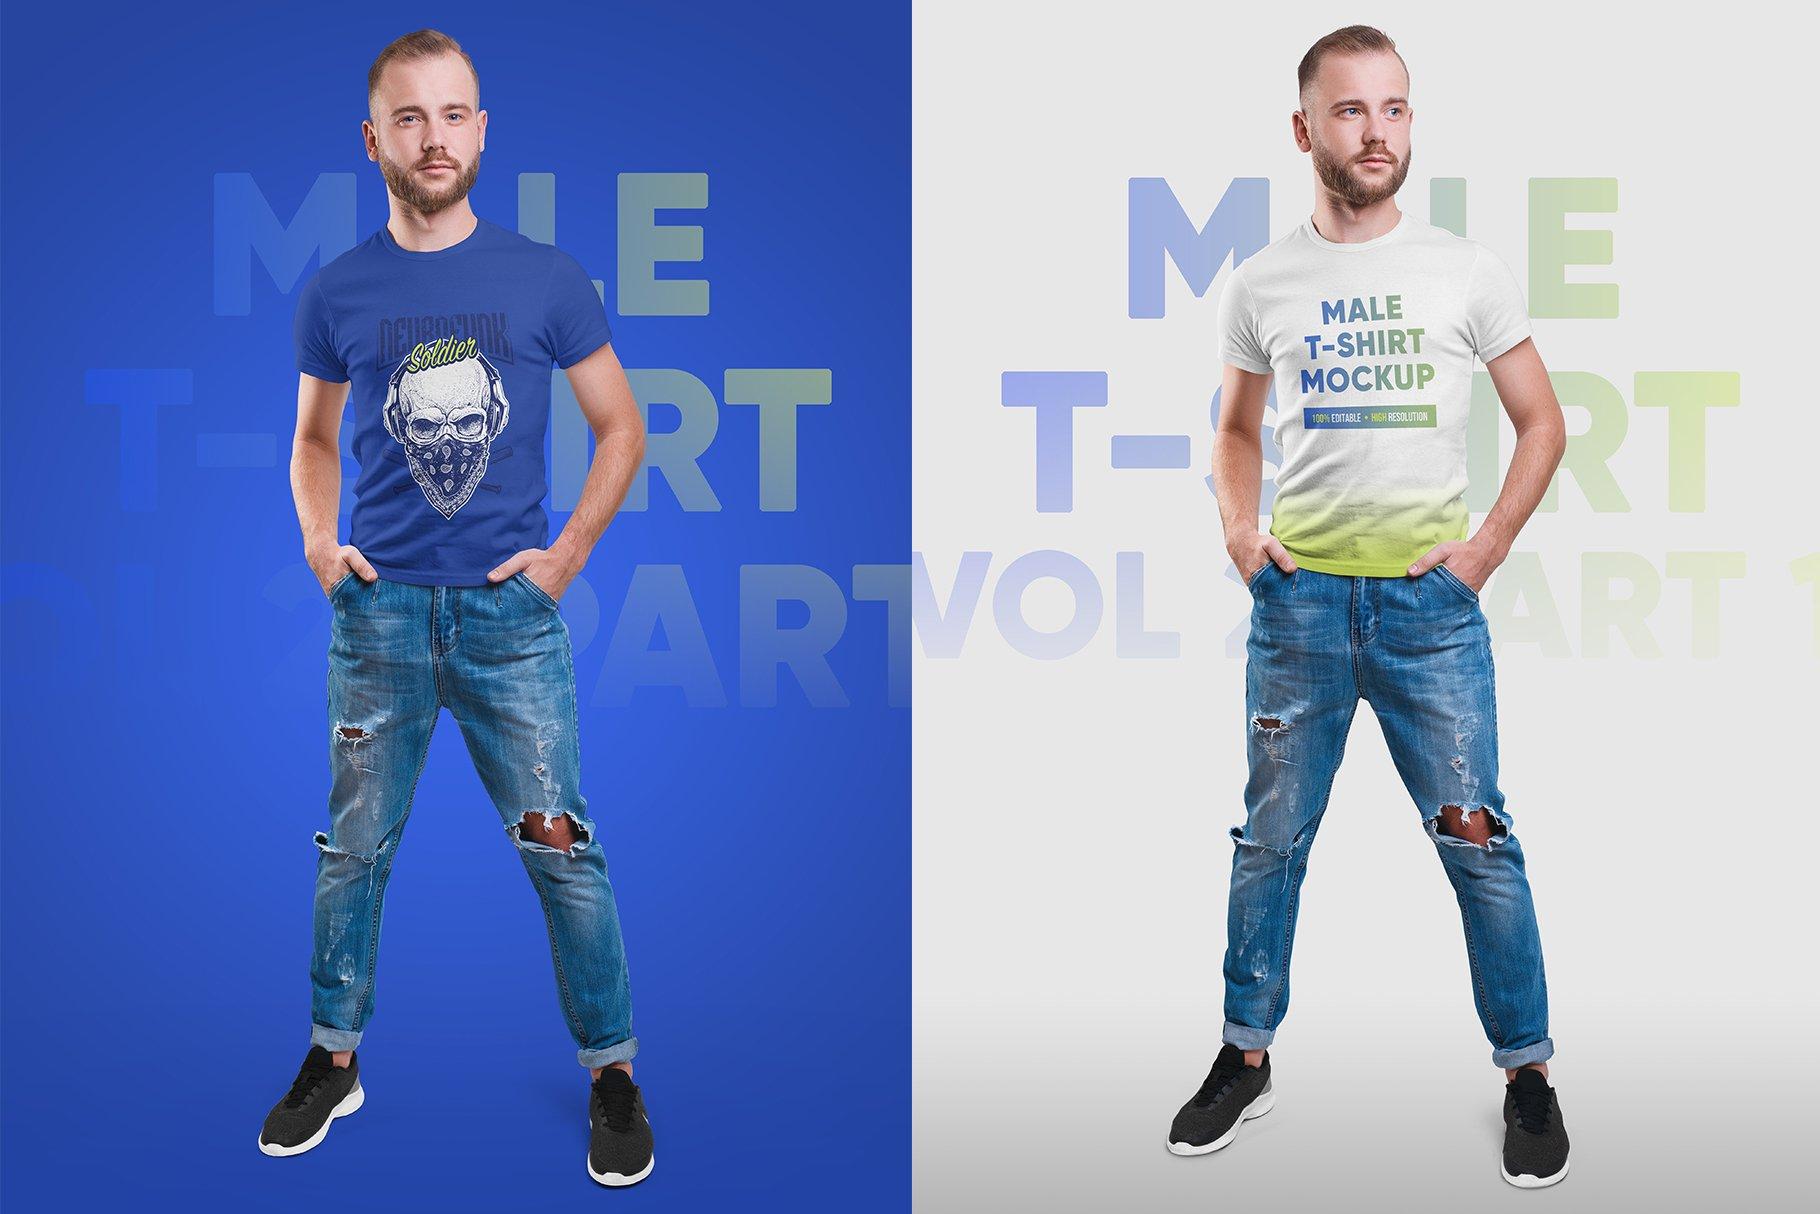 14款高质量男士半袖T恤印花图案设计展示贴图样机 Male T-Shirt PSD Mockups Vol2插图2